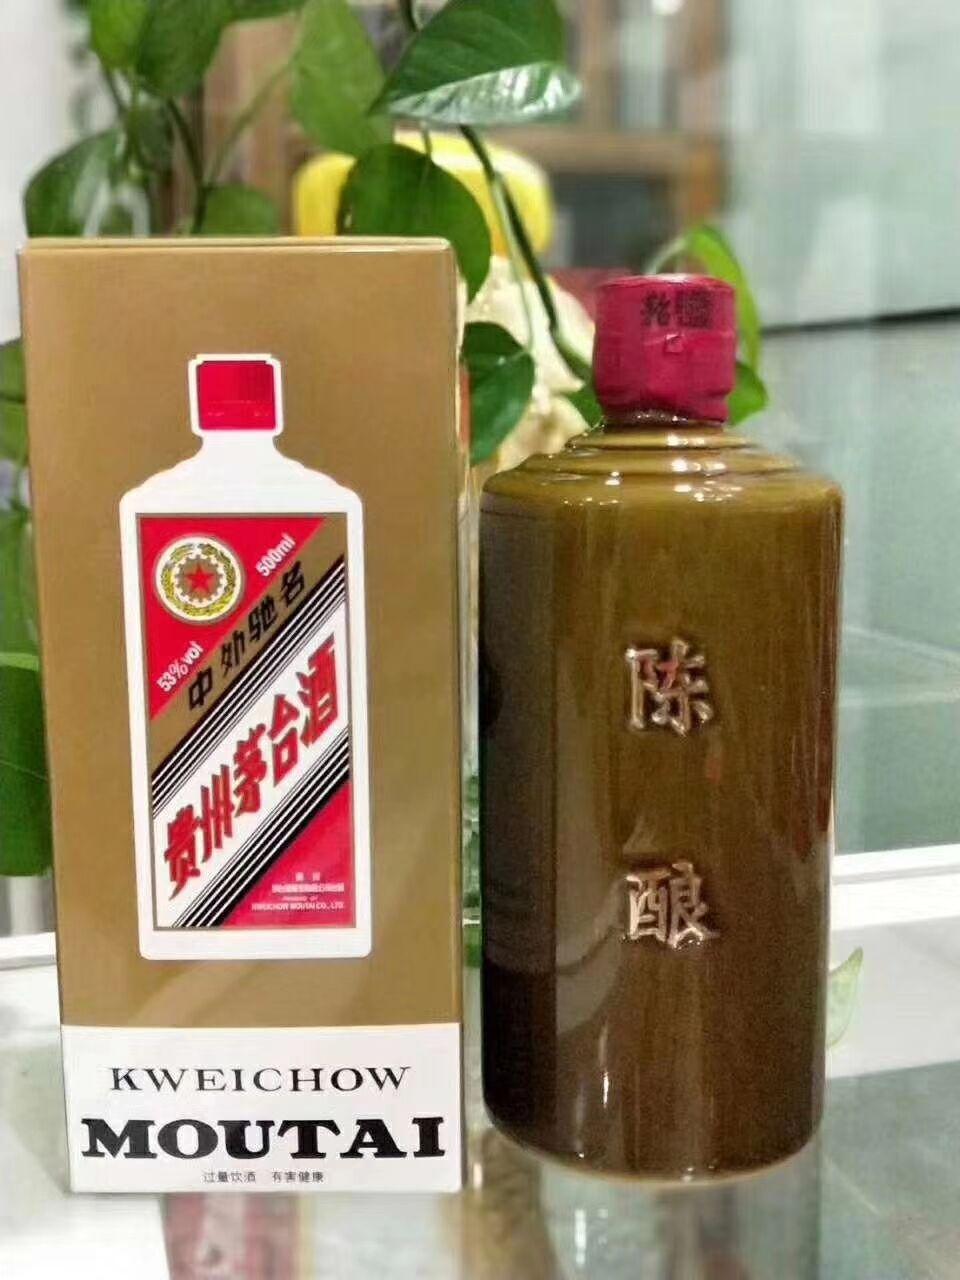 北京丰台回收贵州老茅台酒老酒收购(公司